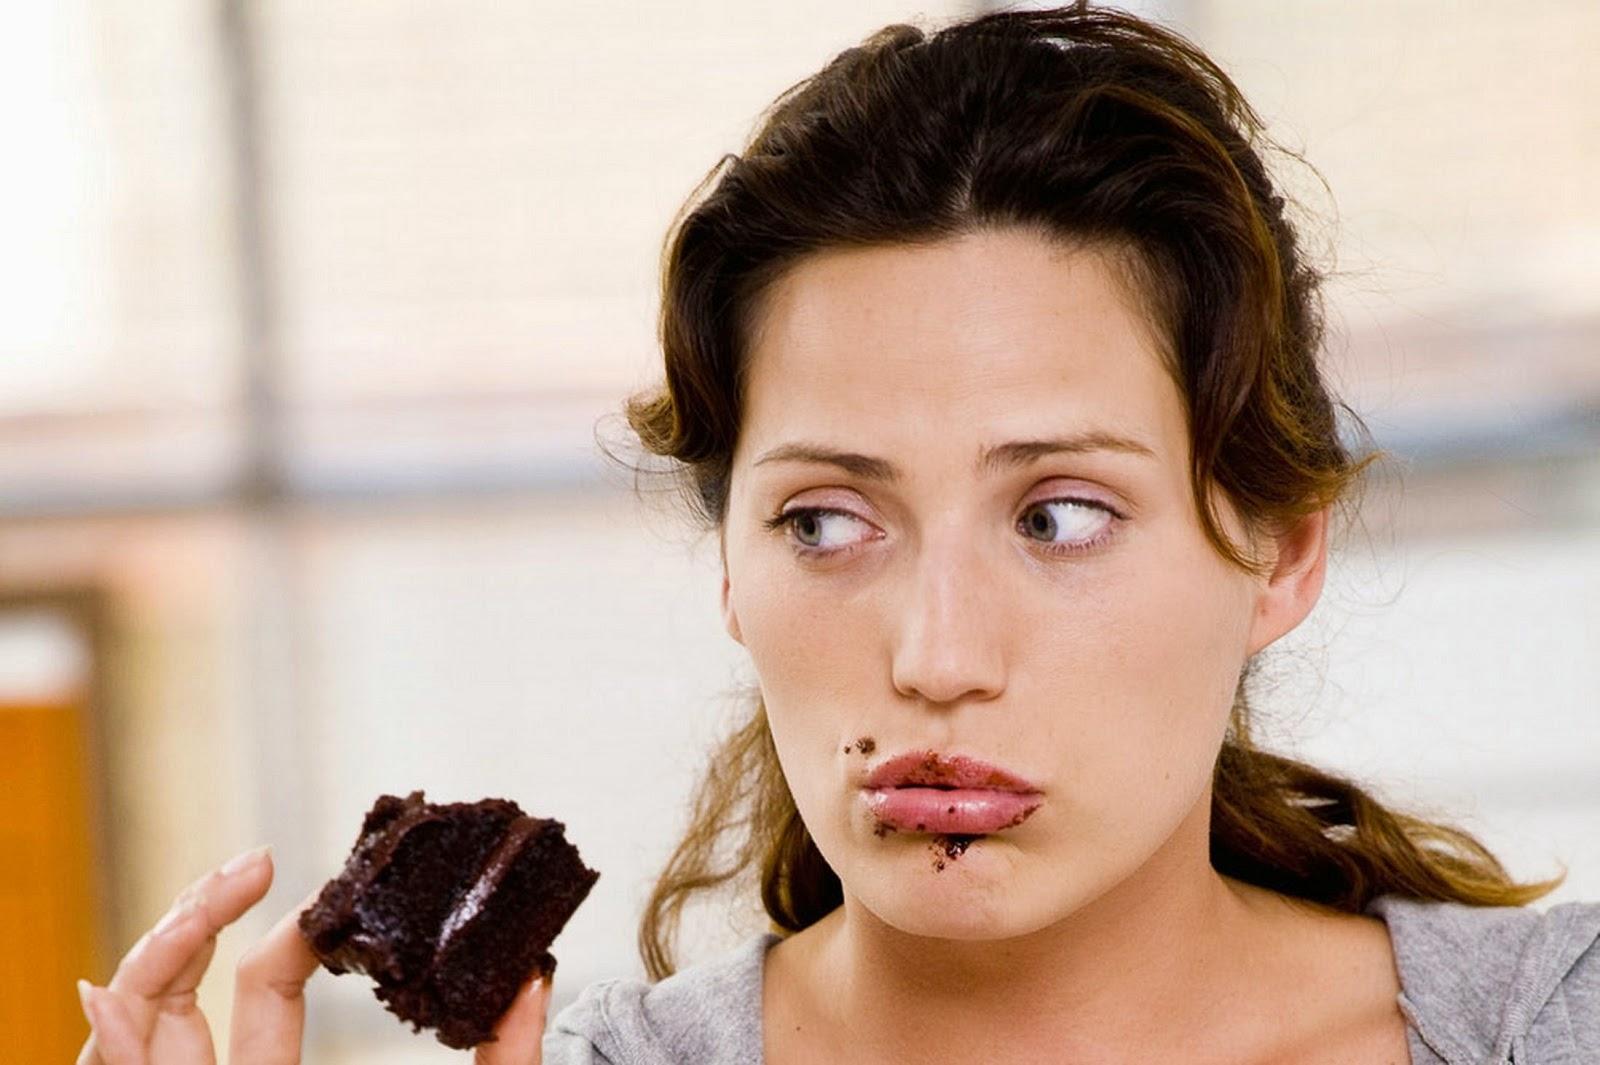 mujer-embarazada-comiendo-chocolate